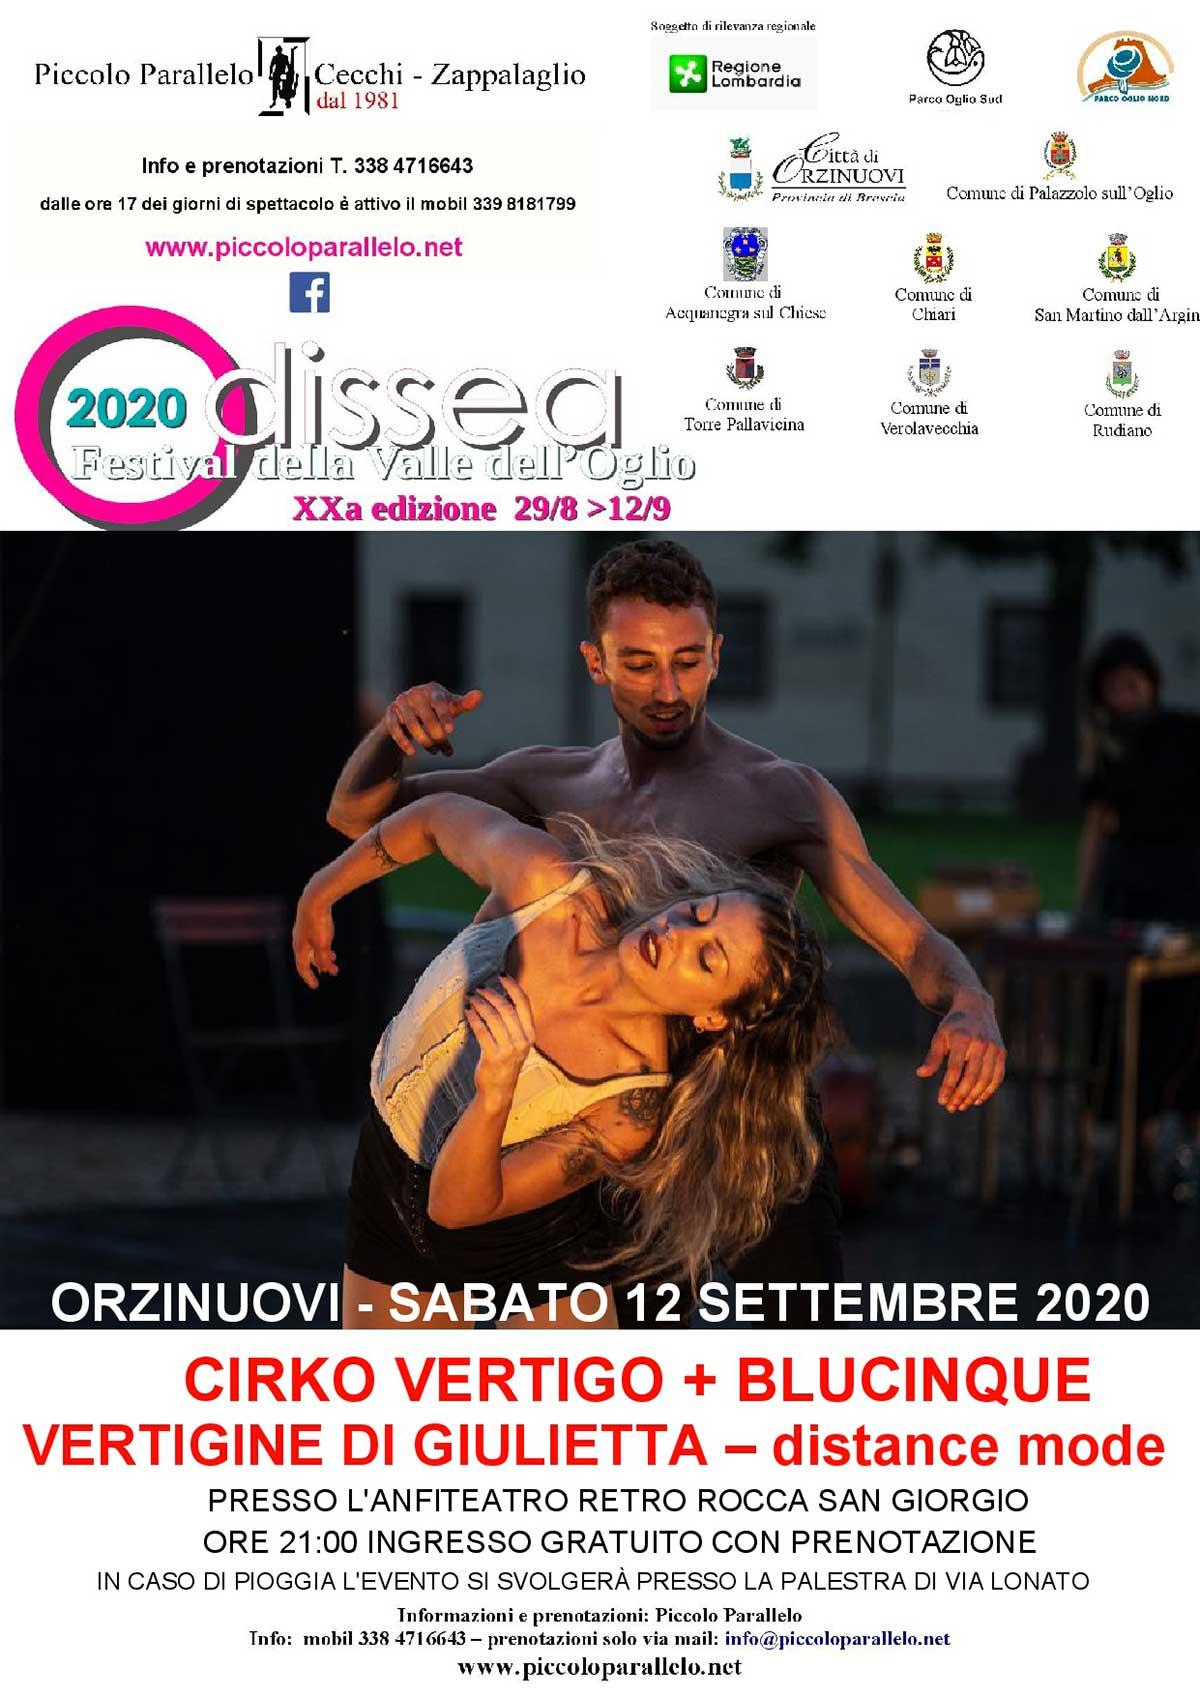 ODISSEA-FESTIVAL-VALLE-DELL'OGLIO-orzinuovi-12-sette,bre-2020